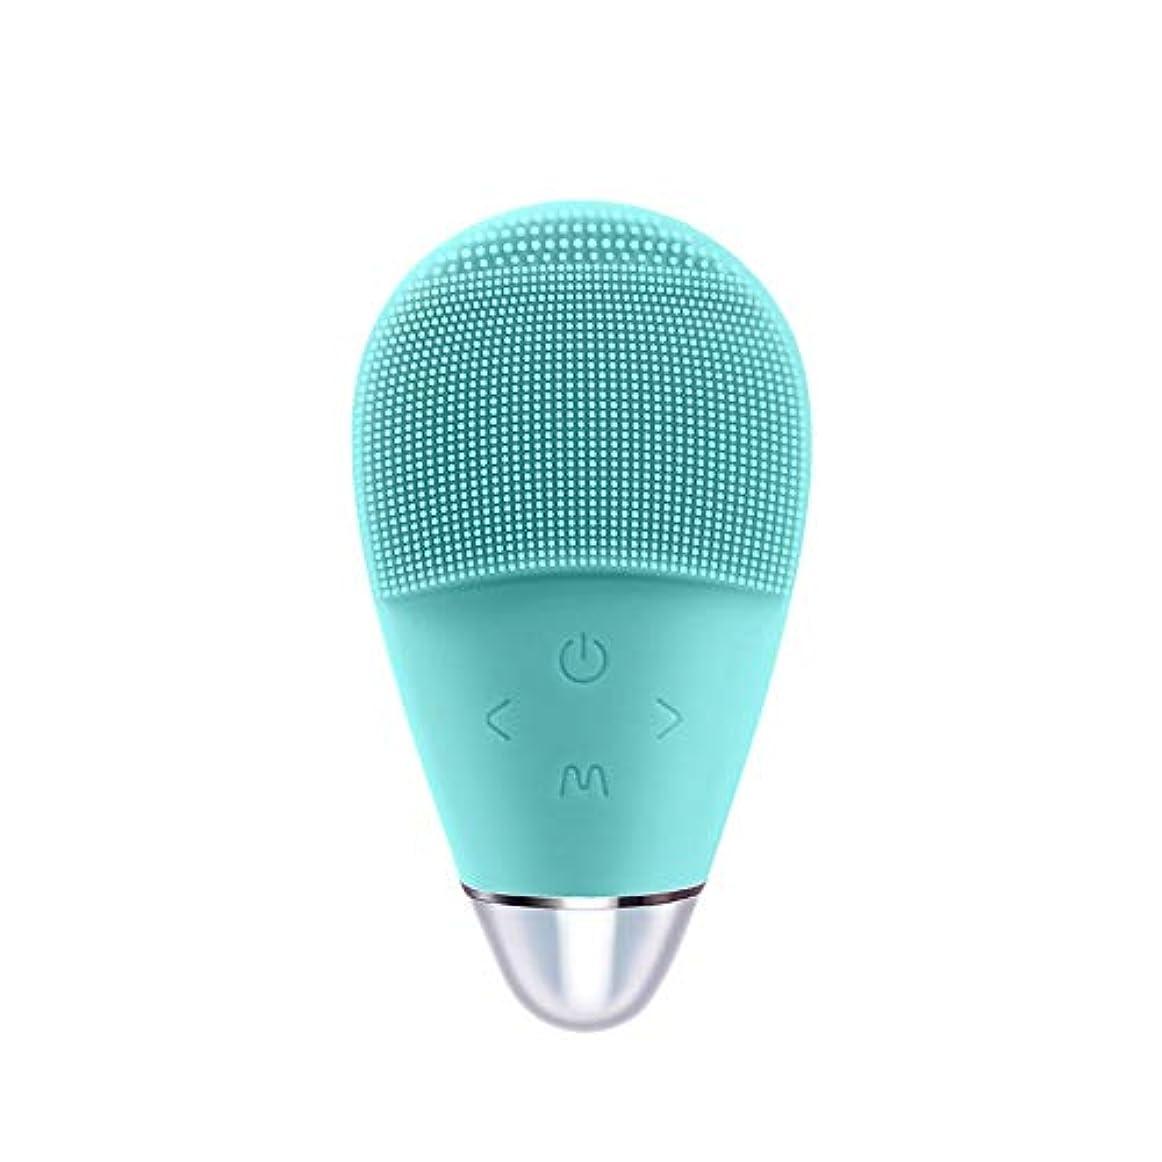 調停者震えるベギンシリコーン洗浄器具電気洗濯機超音波美容器具顔の毛穴クリーナー (Color : Blue)